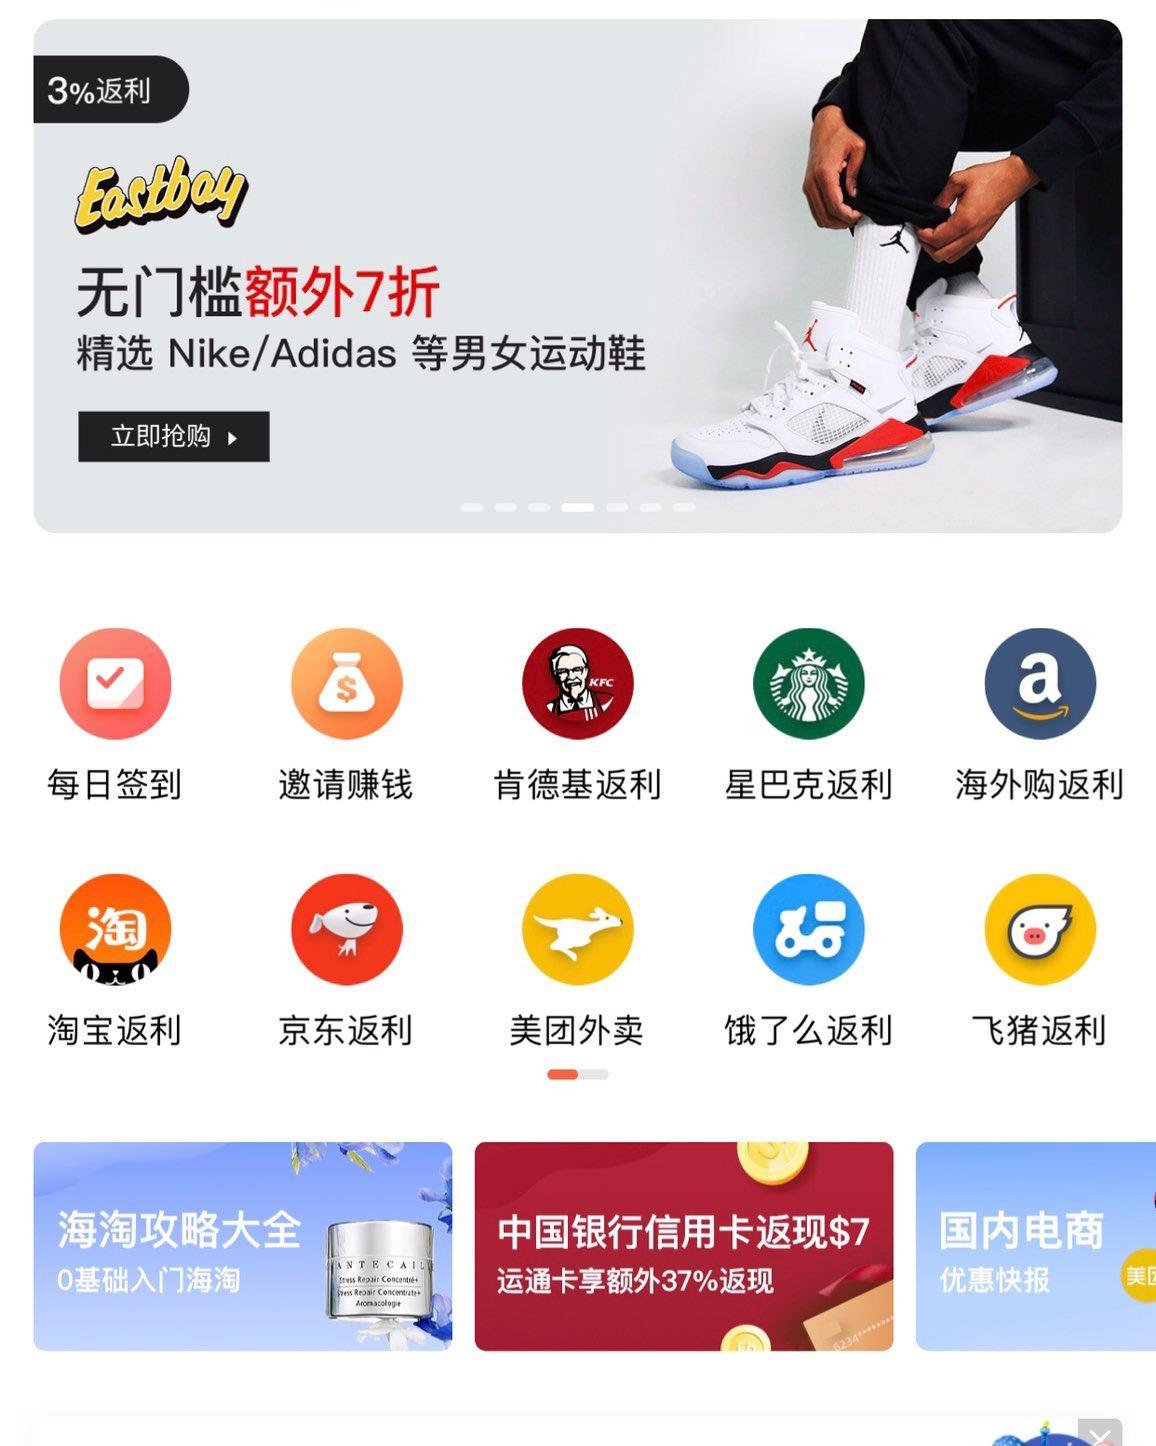 海淘輔助小工具推荐:  ✅55海淘:一家为国内消费者提供海淘